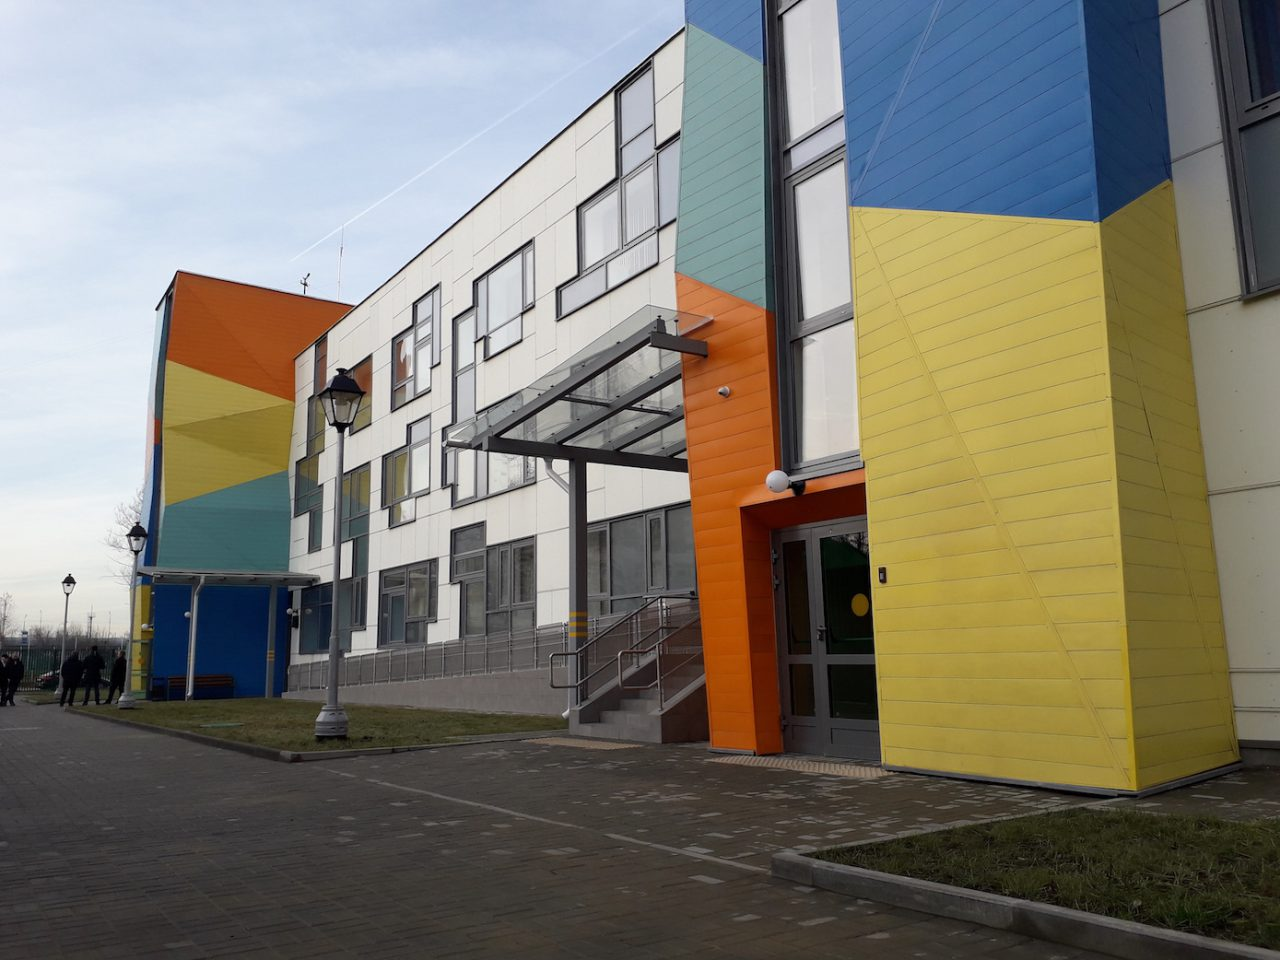 Сергей Собянин поручил ускорить открытие нового детского сада в районе Северный